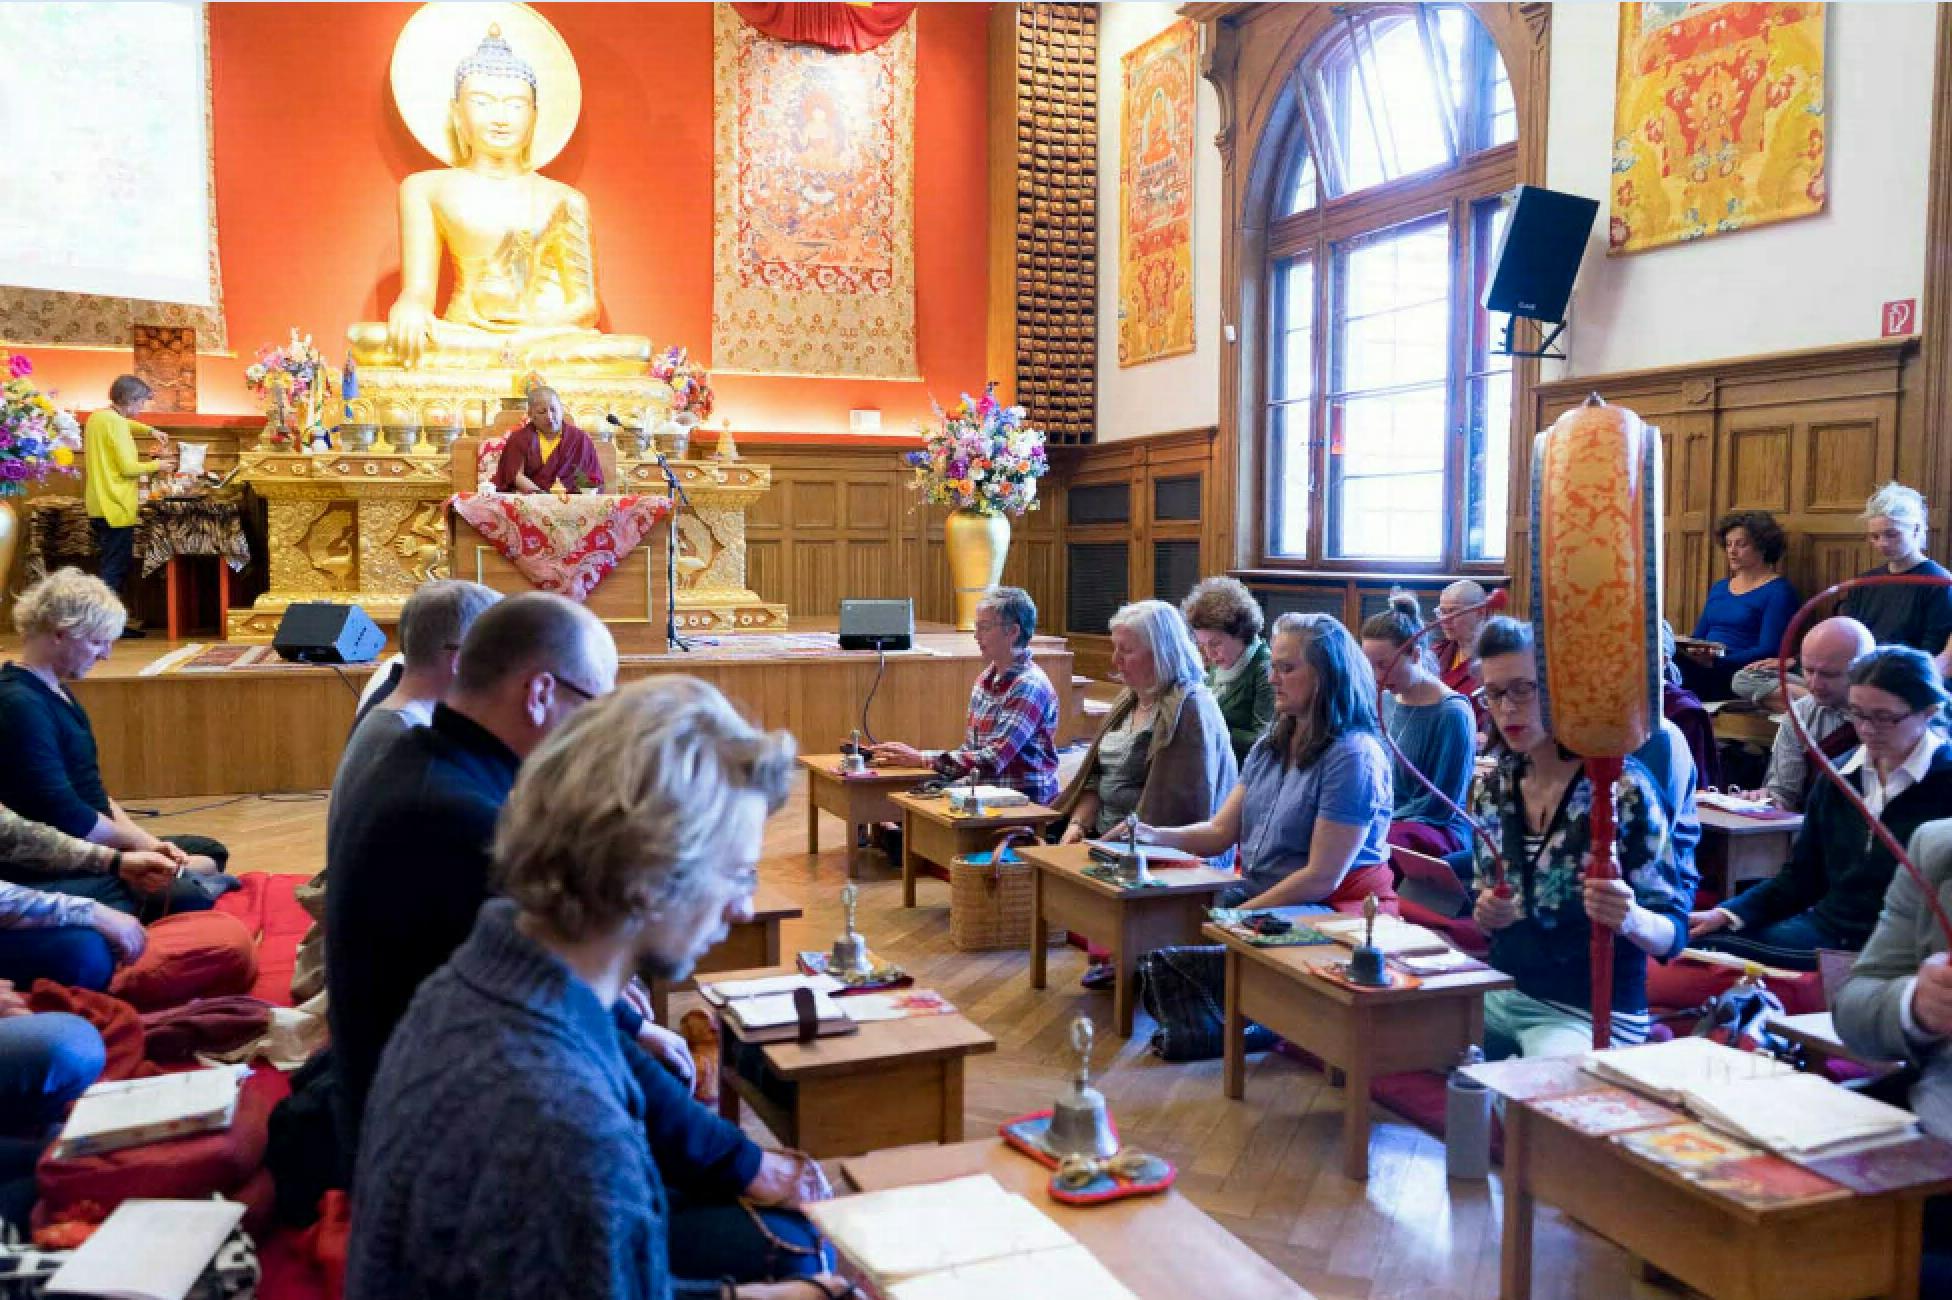 Tsok Praxis am Guru Rinpoche Tag mit Khandro Rinpoche und der Rigpa Sangha, Dharma Mati am 25. April 2018